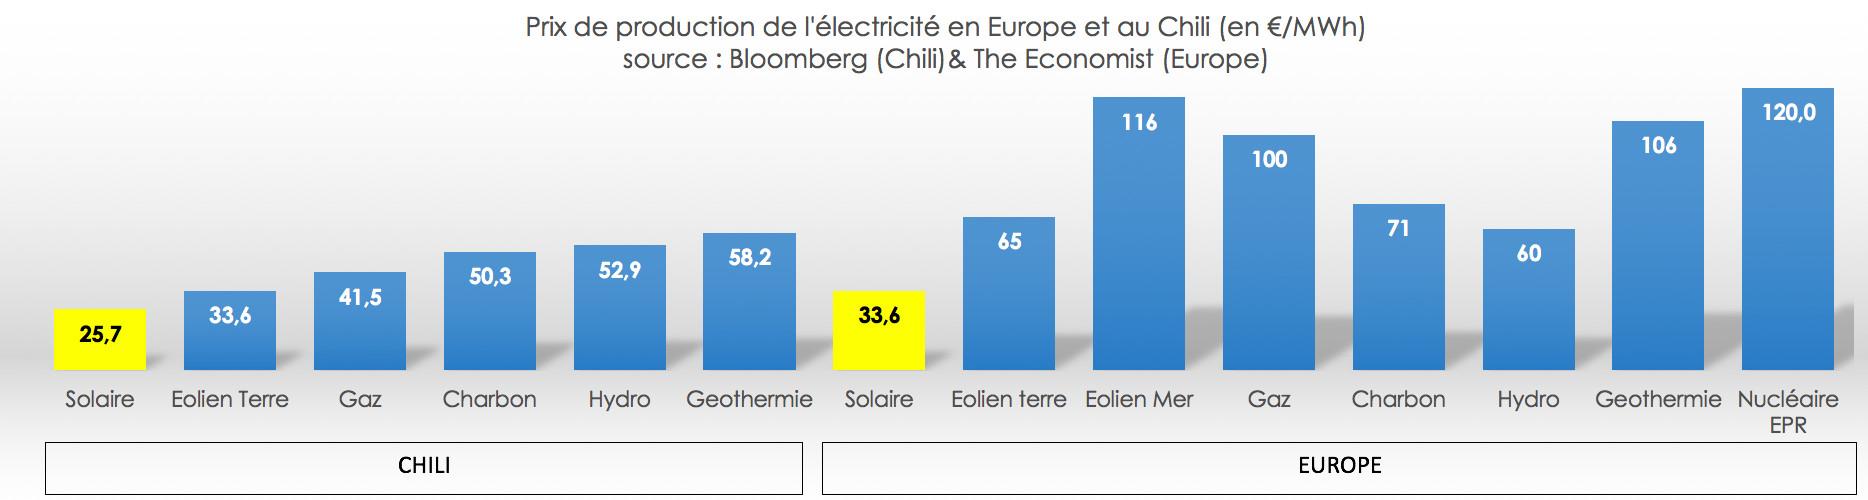 prix comparer prod electricite europe chili